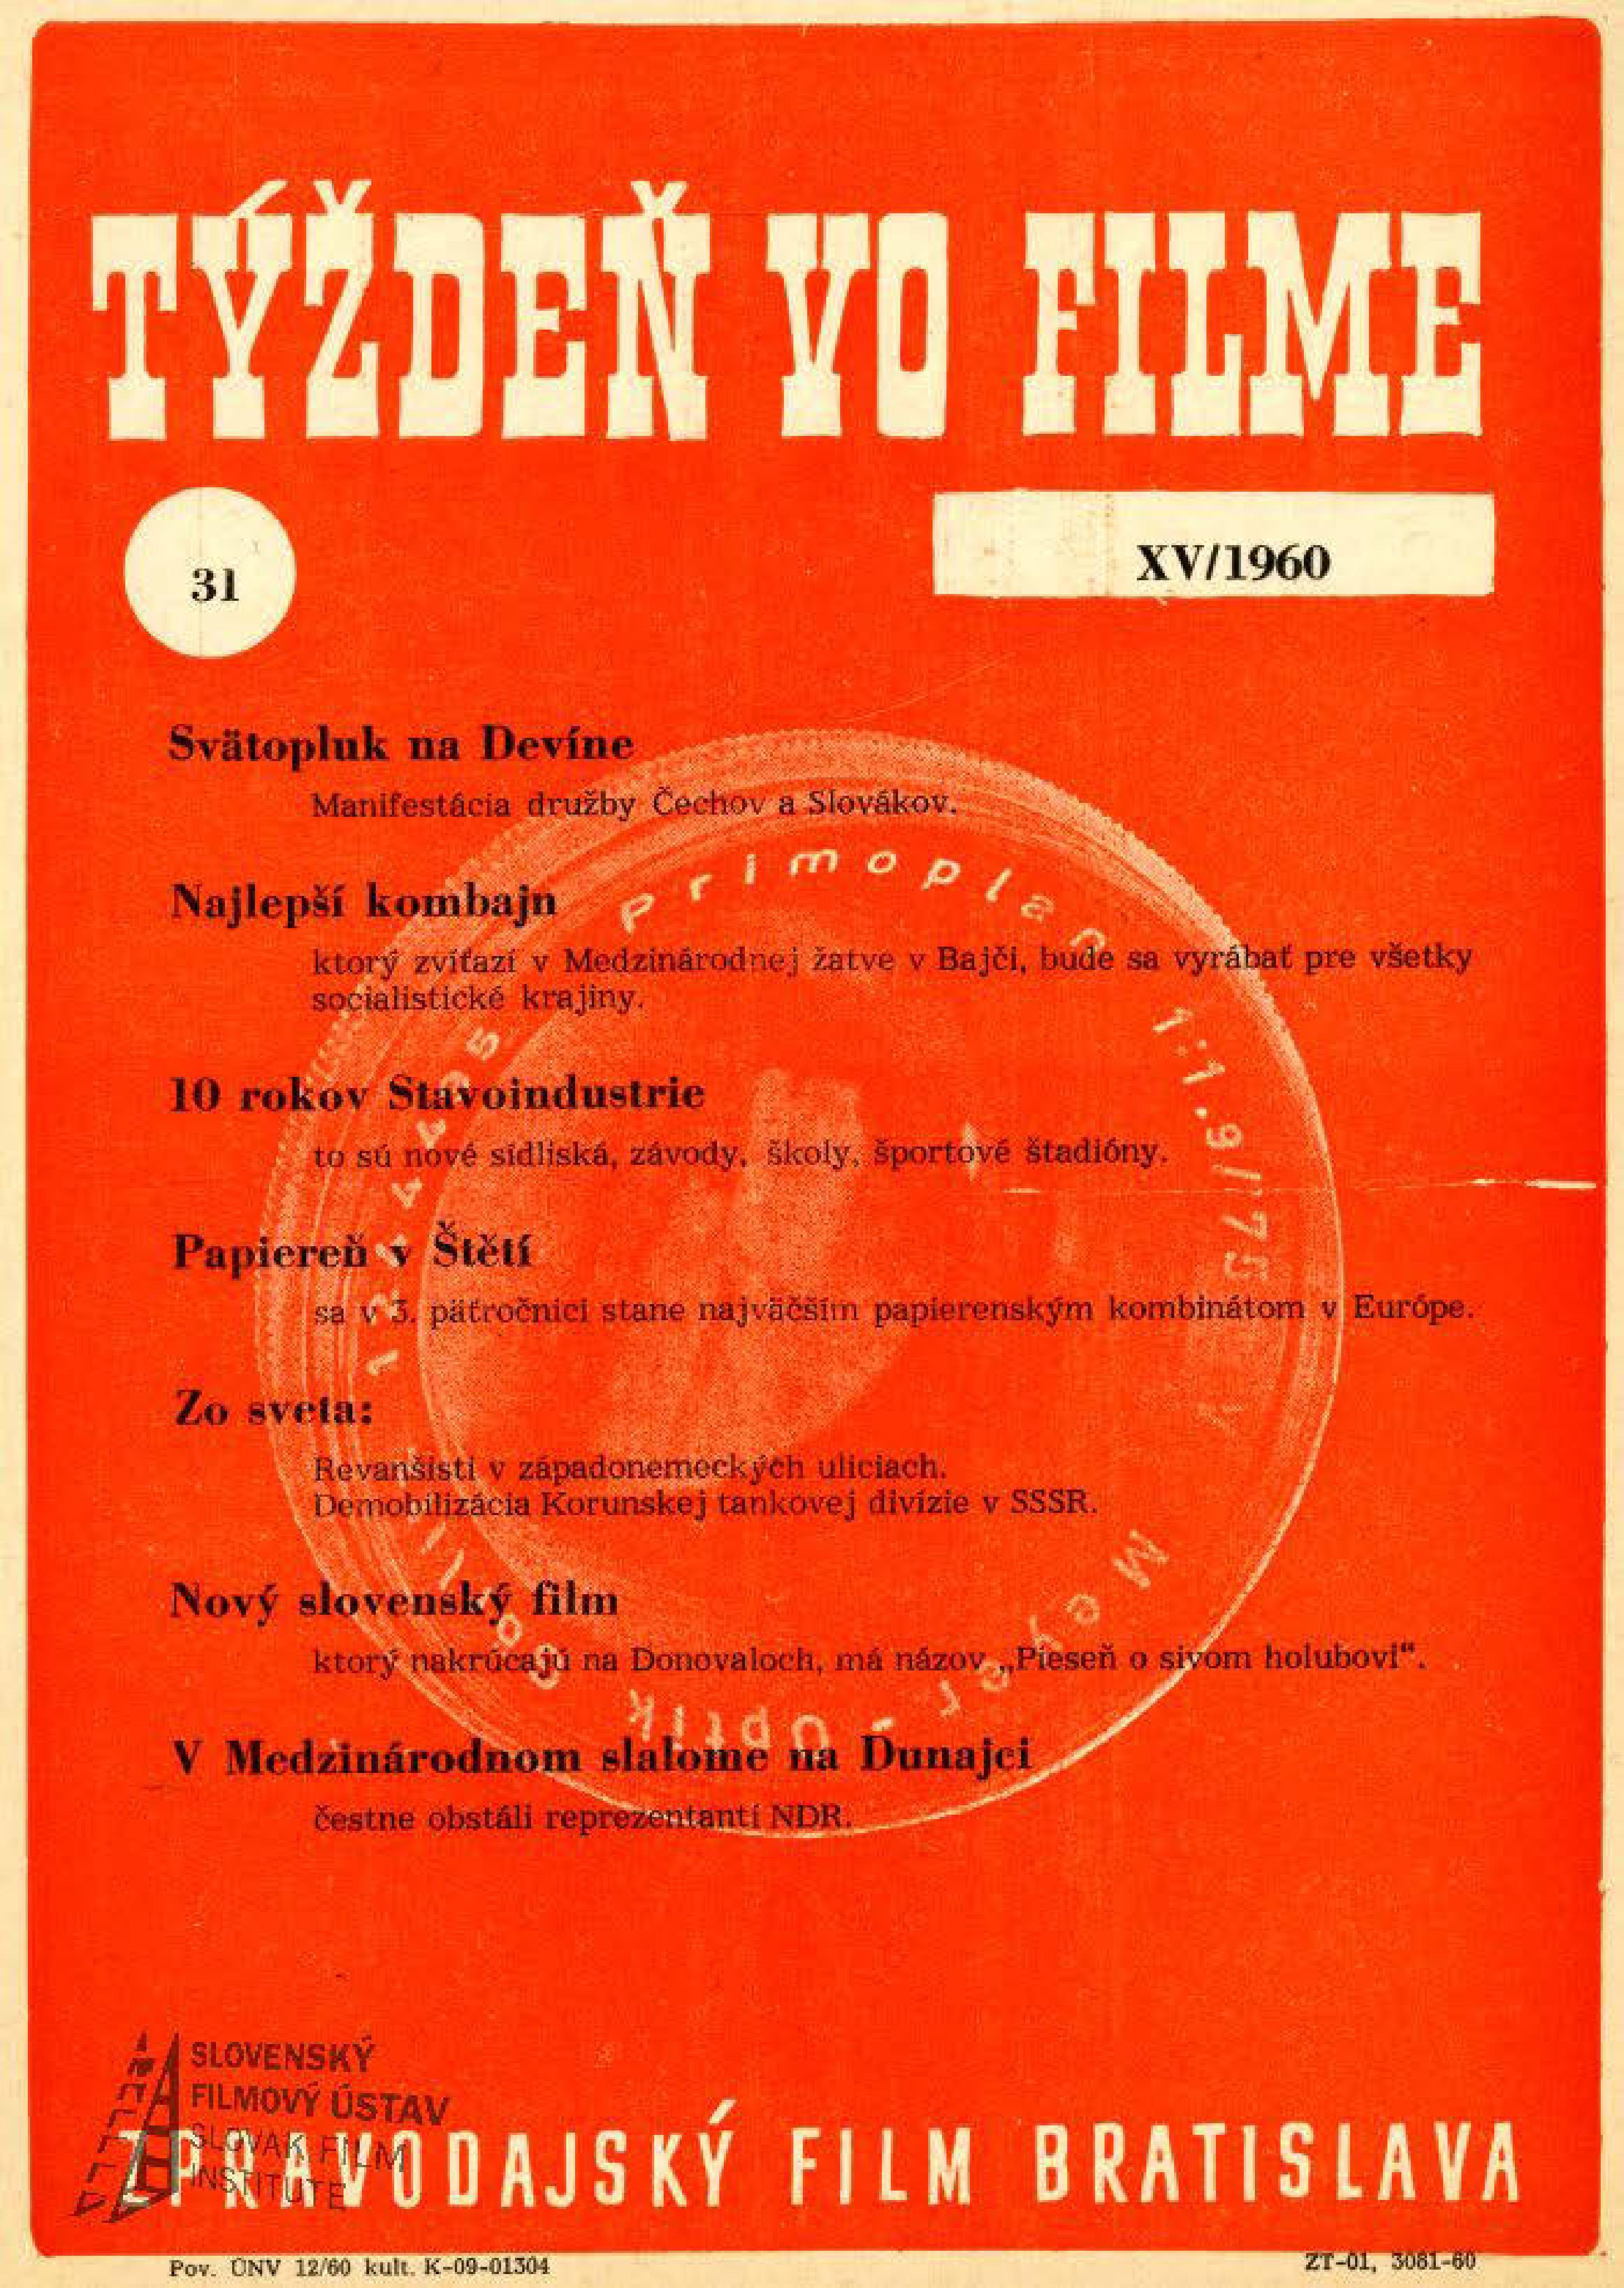 Týždeň vo filme 31/1960